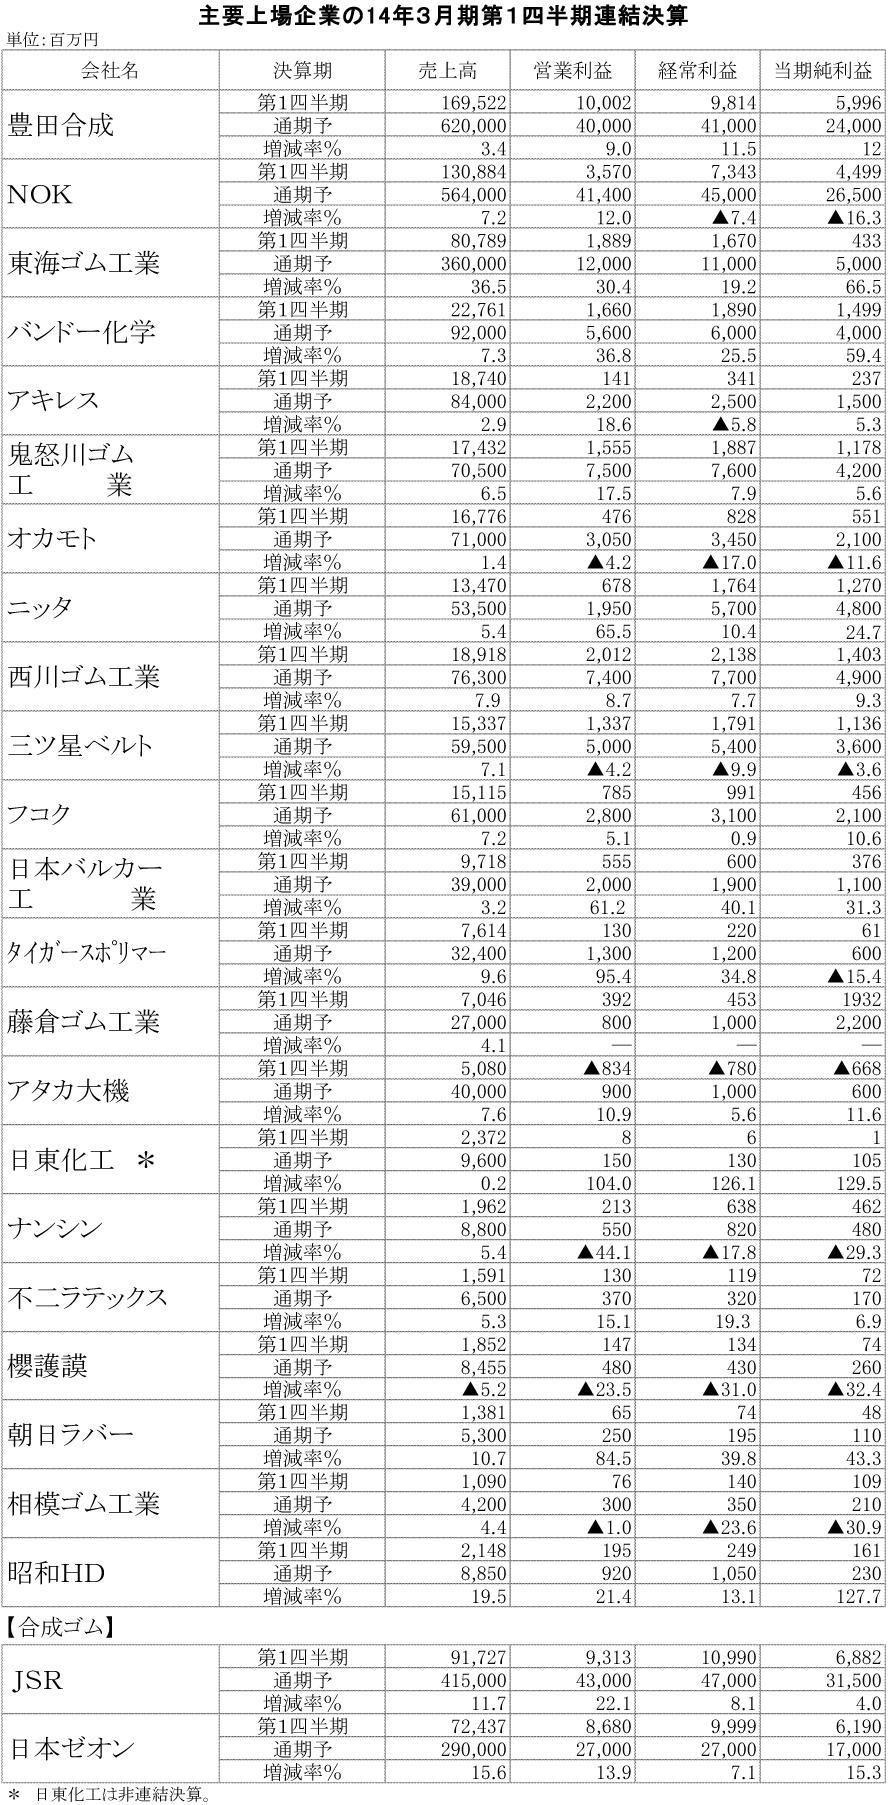 14年3月期第1四半期連結決算一覧表